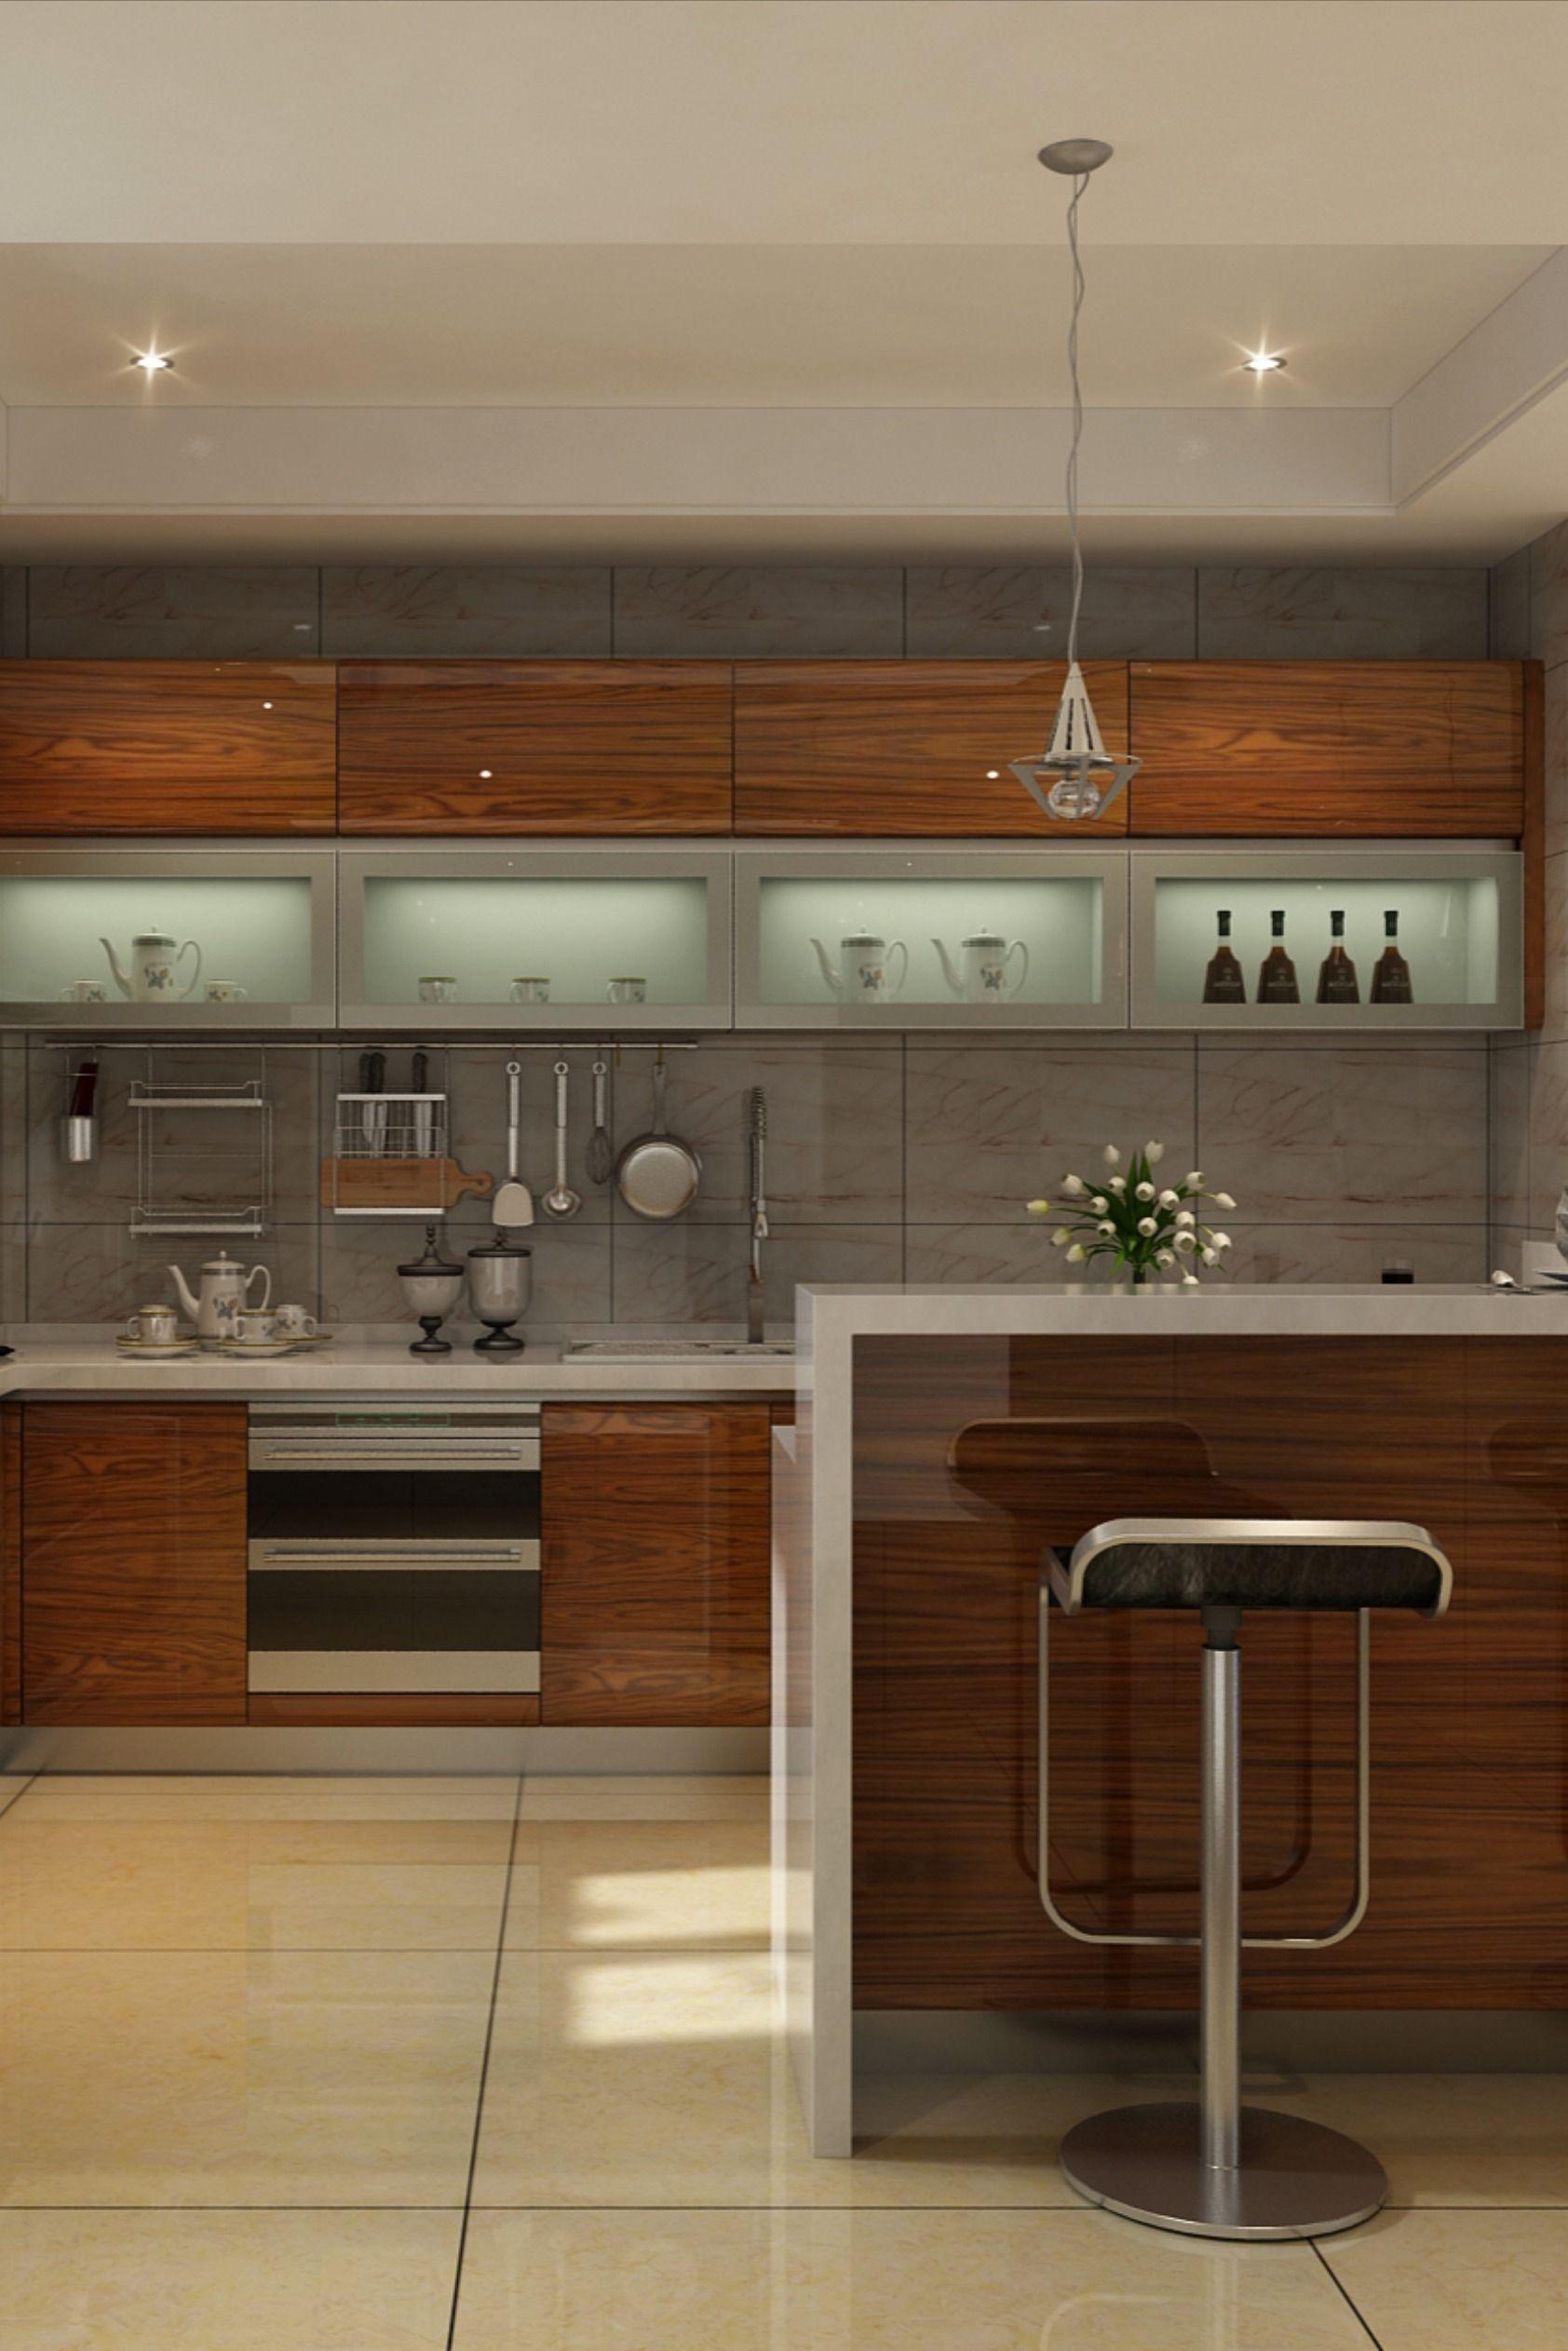 2020 Best Lacquer Kitchen Cabinet Kitchen Design Best Kitchen Cabinets Kitchen Cabinets